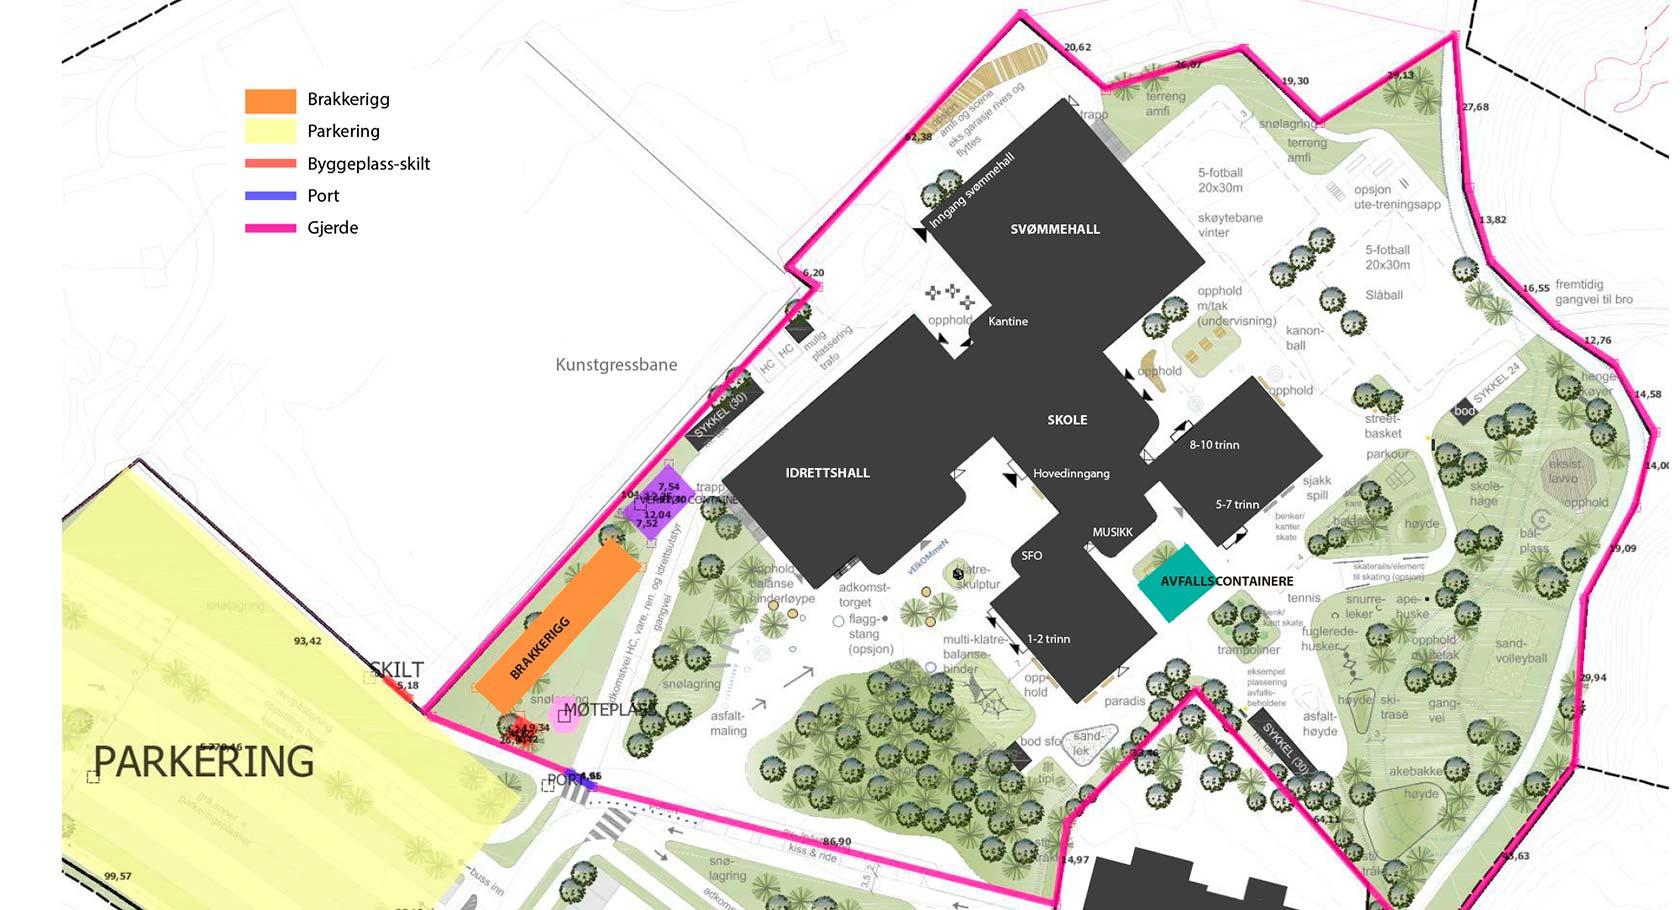 Denne skissen viser hvor brakkerigg, parkeringsplass og sikringsgjerder blir satt opp i forbindelse med byggingen av det nye skoleanlegget på Stevingsmogen.